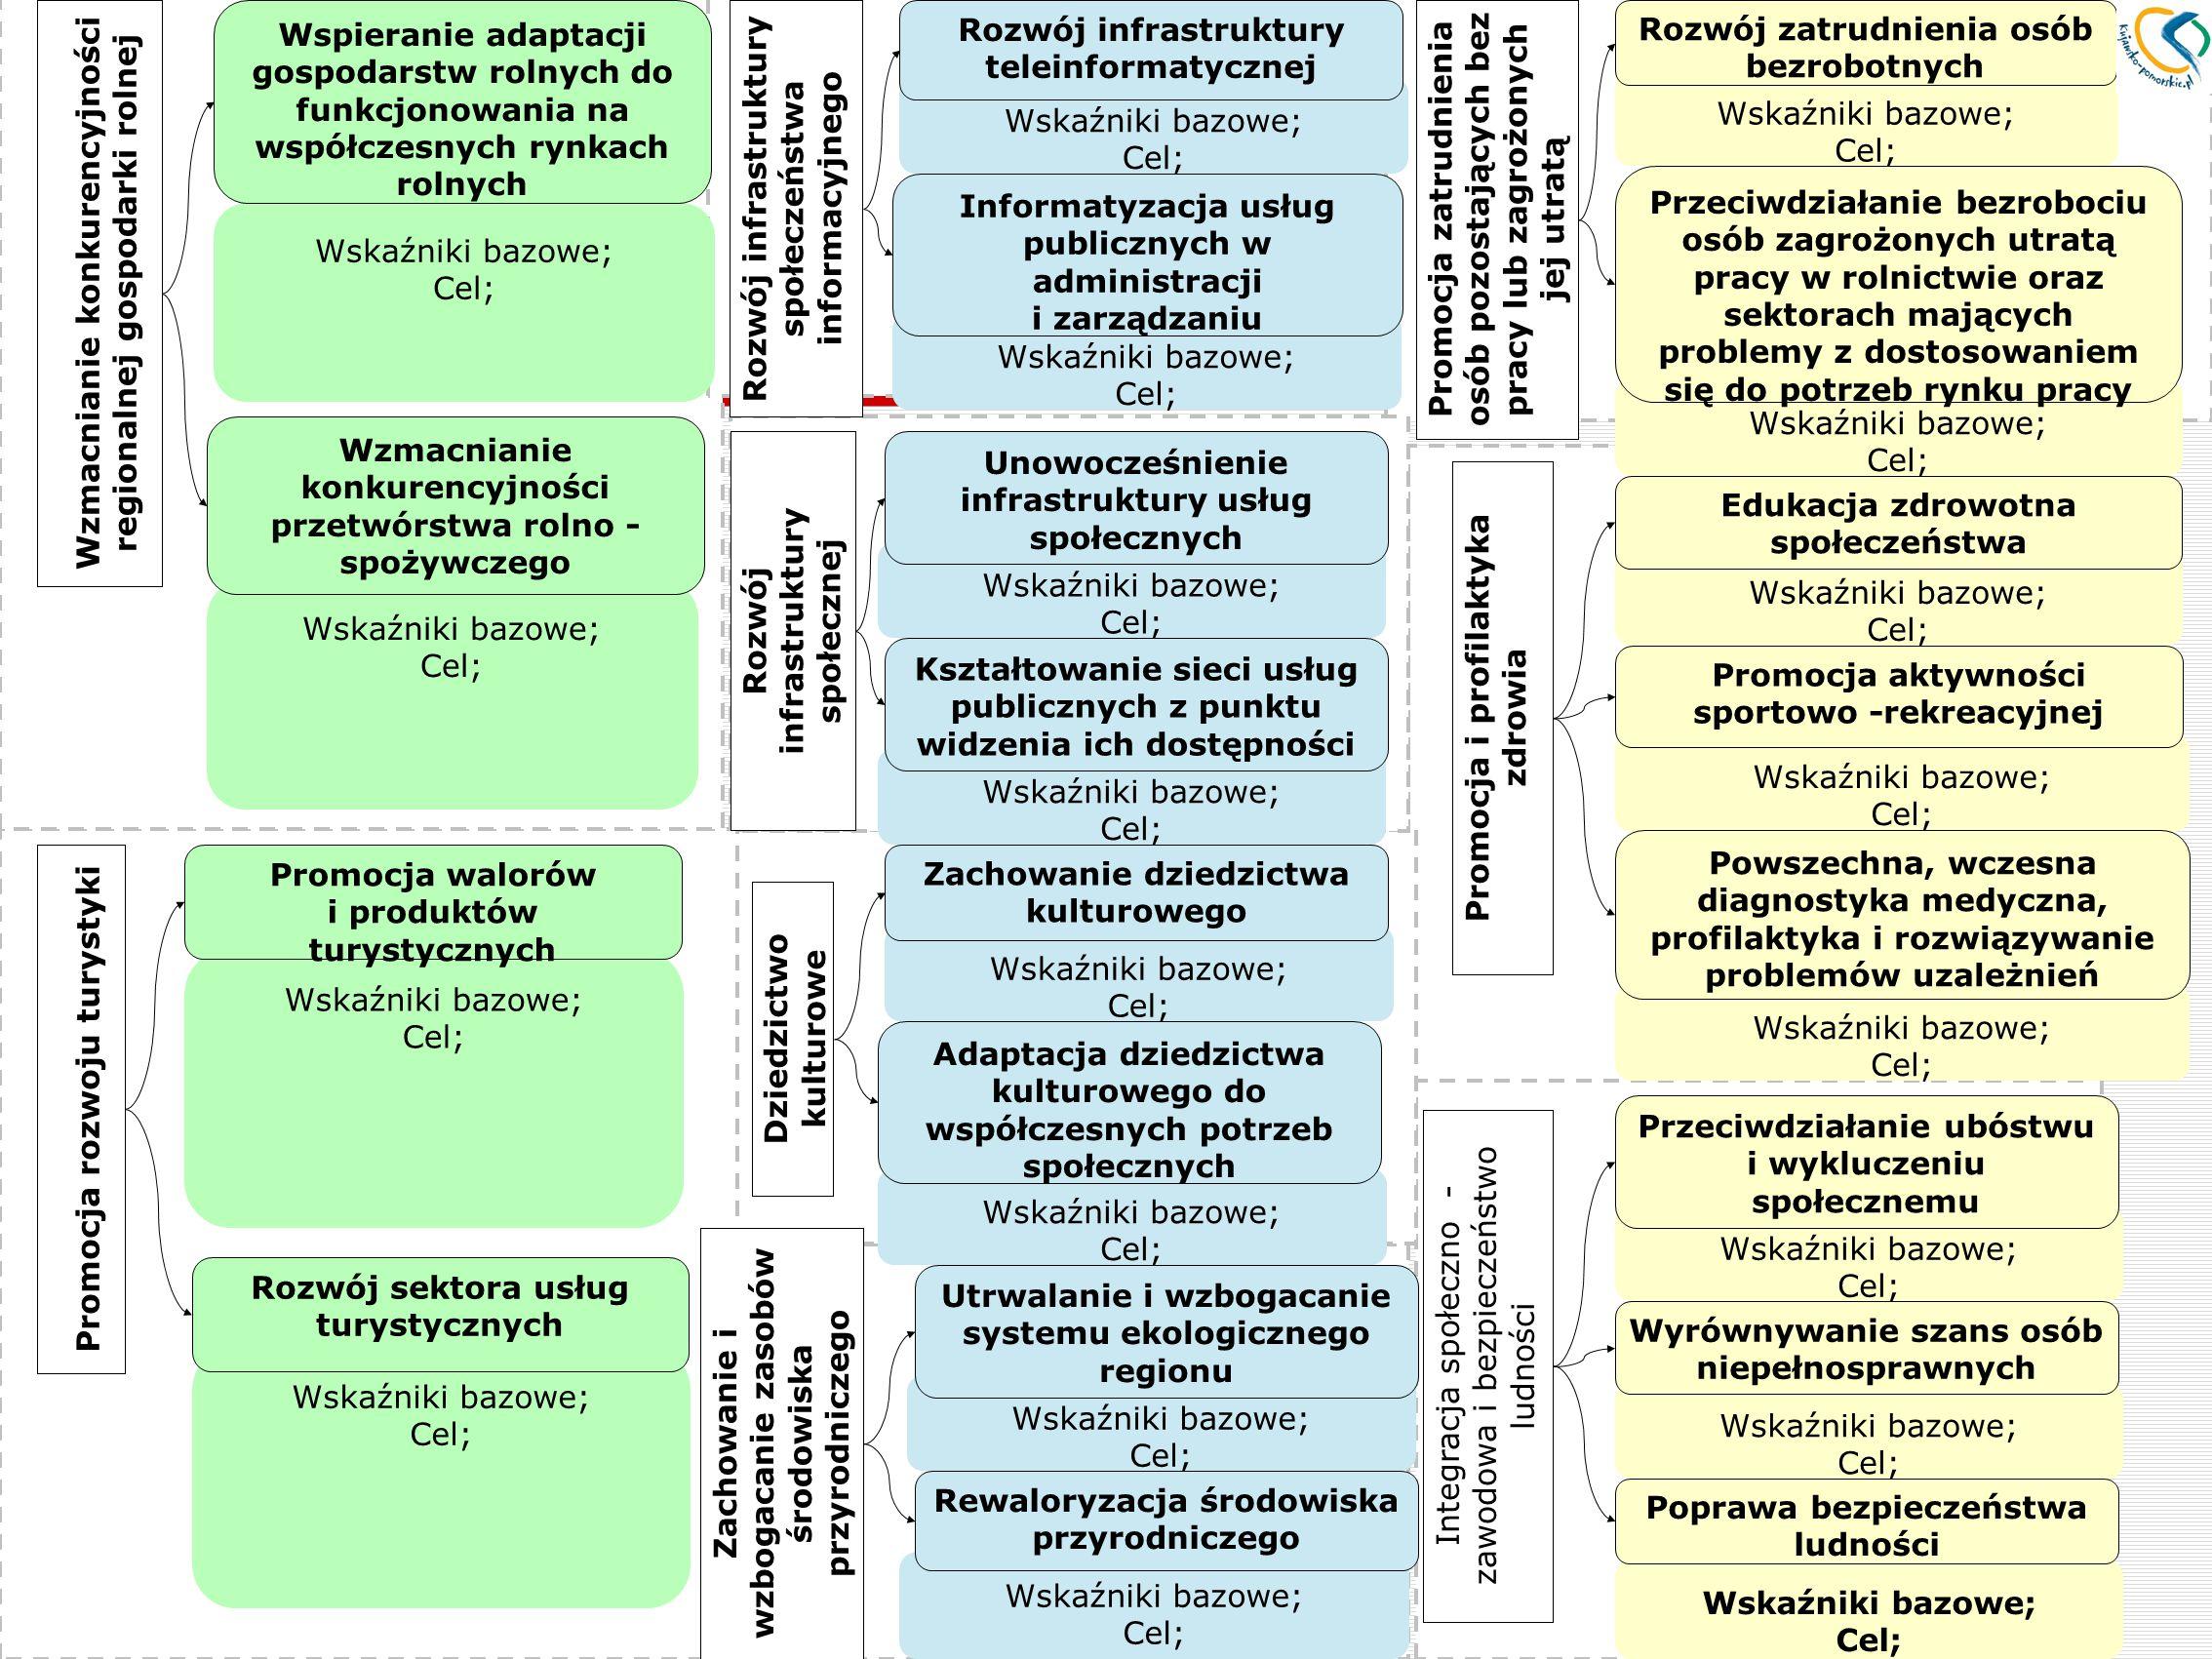 Departament Planowania Strategicznego i Gospodarczego Wskaźniki bazowe; Cel; Rozwój infrastruktury teleinformatycznej Wskaźniki bazowe; Cel; Informaty